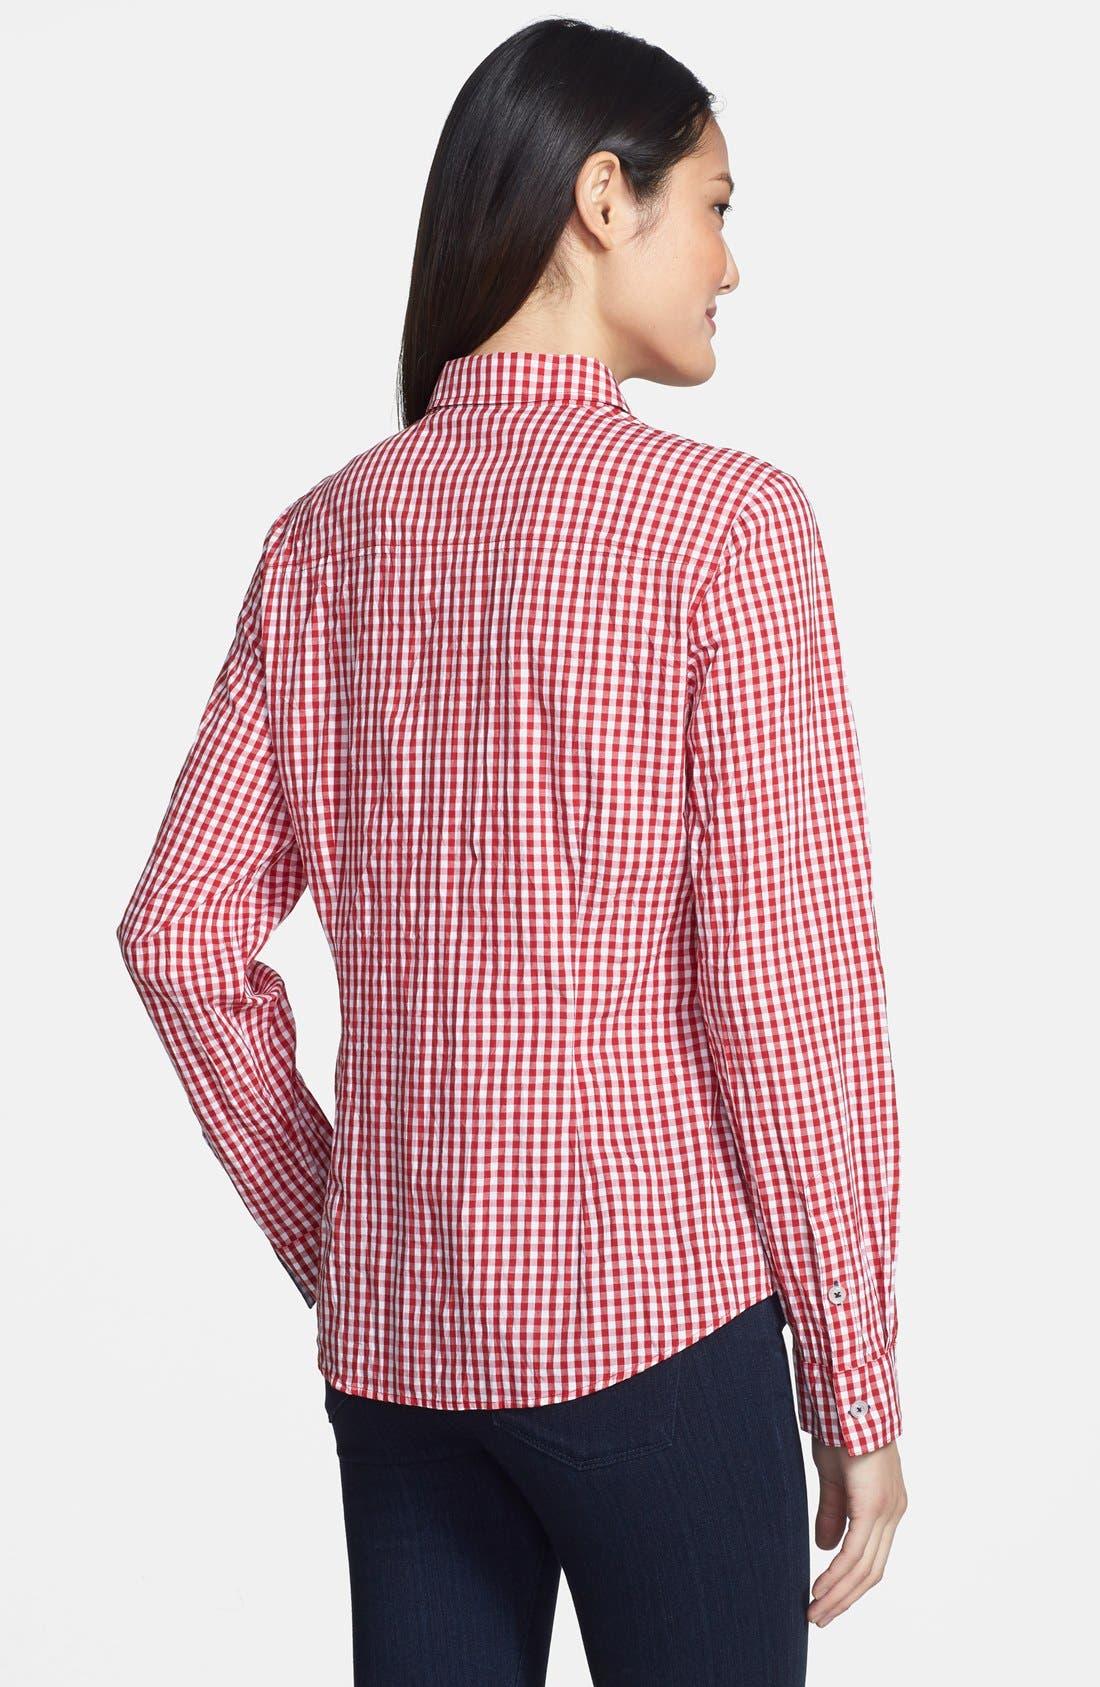 Gingham Shirt,                             Alternate thumbnail 2, color,                             Cherry/ Navy Gingham